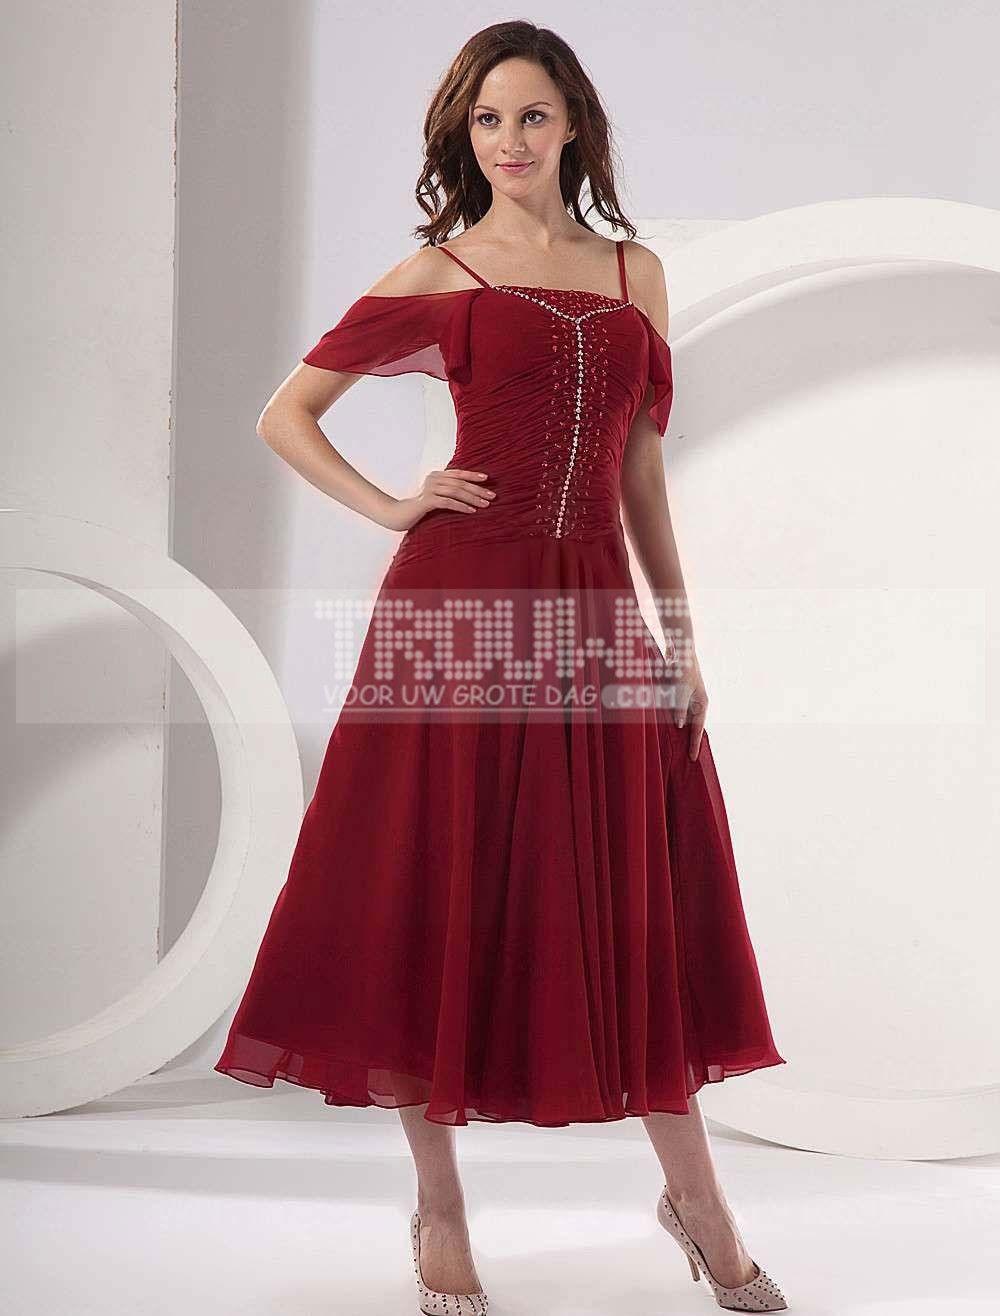 rode jurken dag